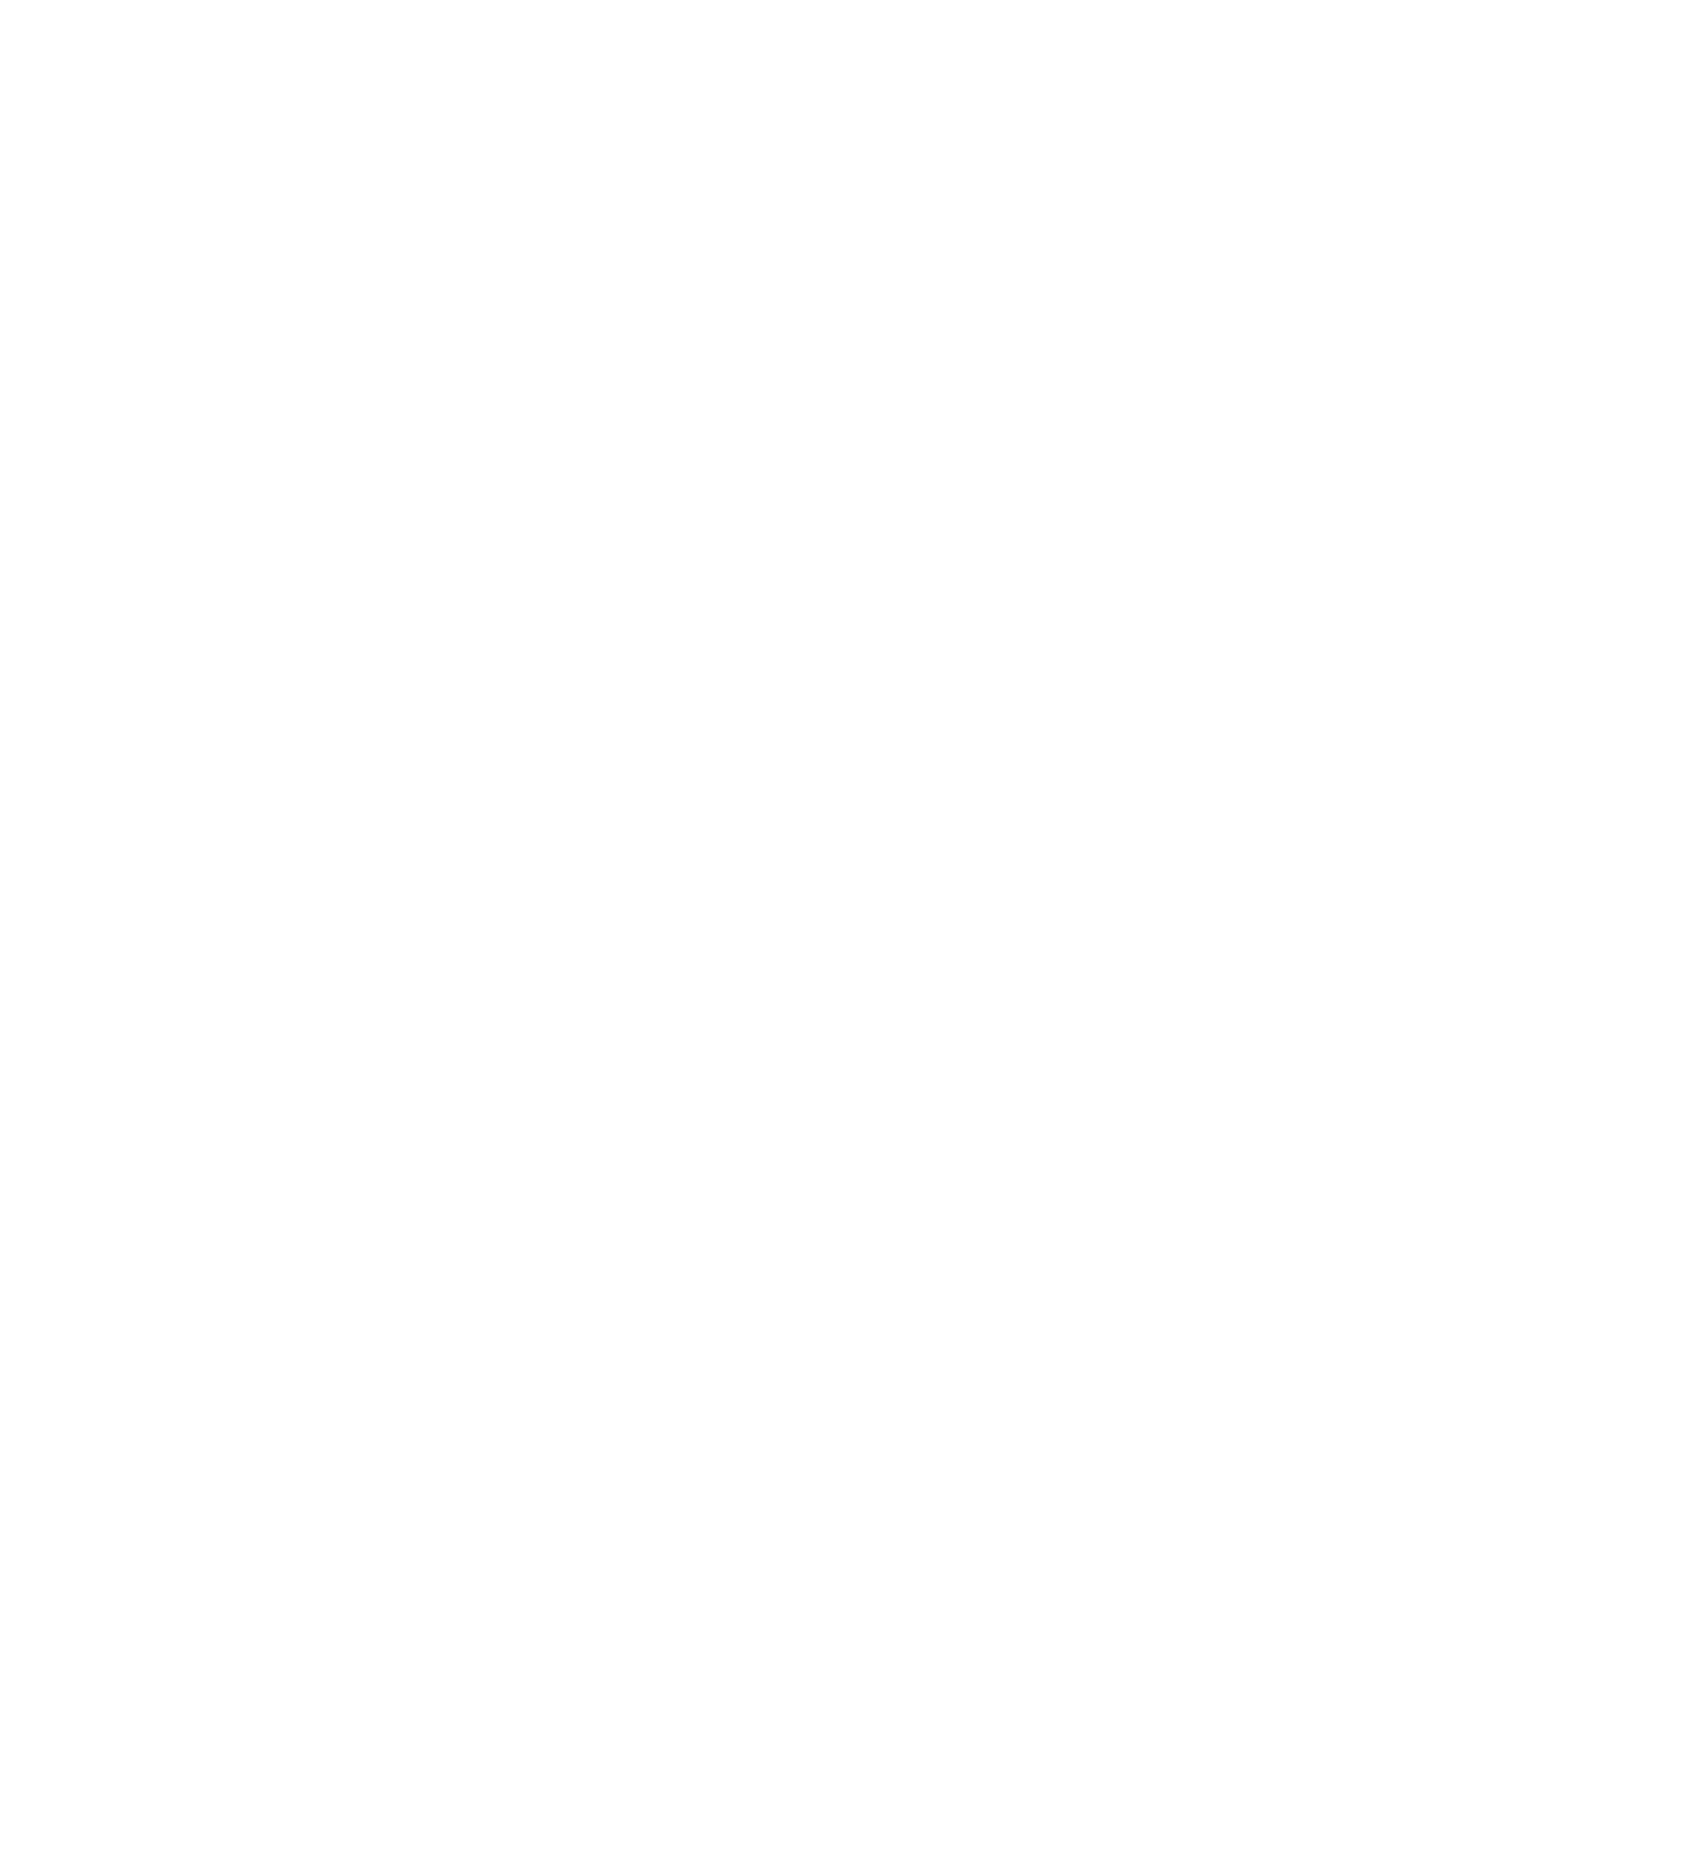 wit maze logo intro